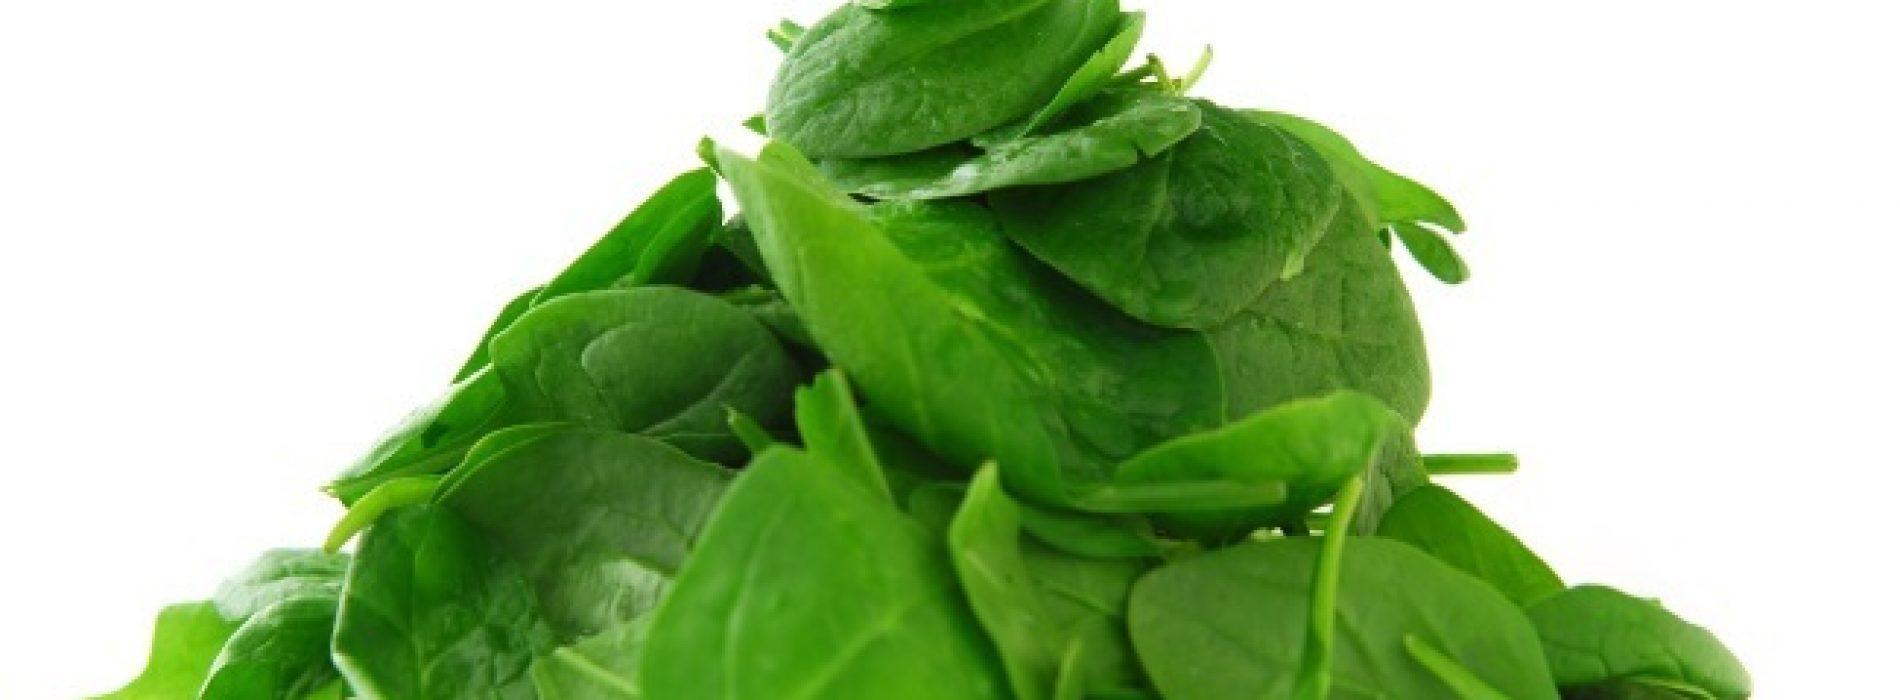 Rauwe spinazie gekoppeld aan 5 belangrijke gezondheidsvoordelen